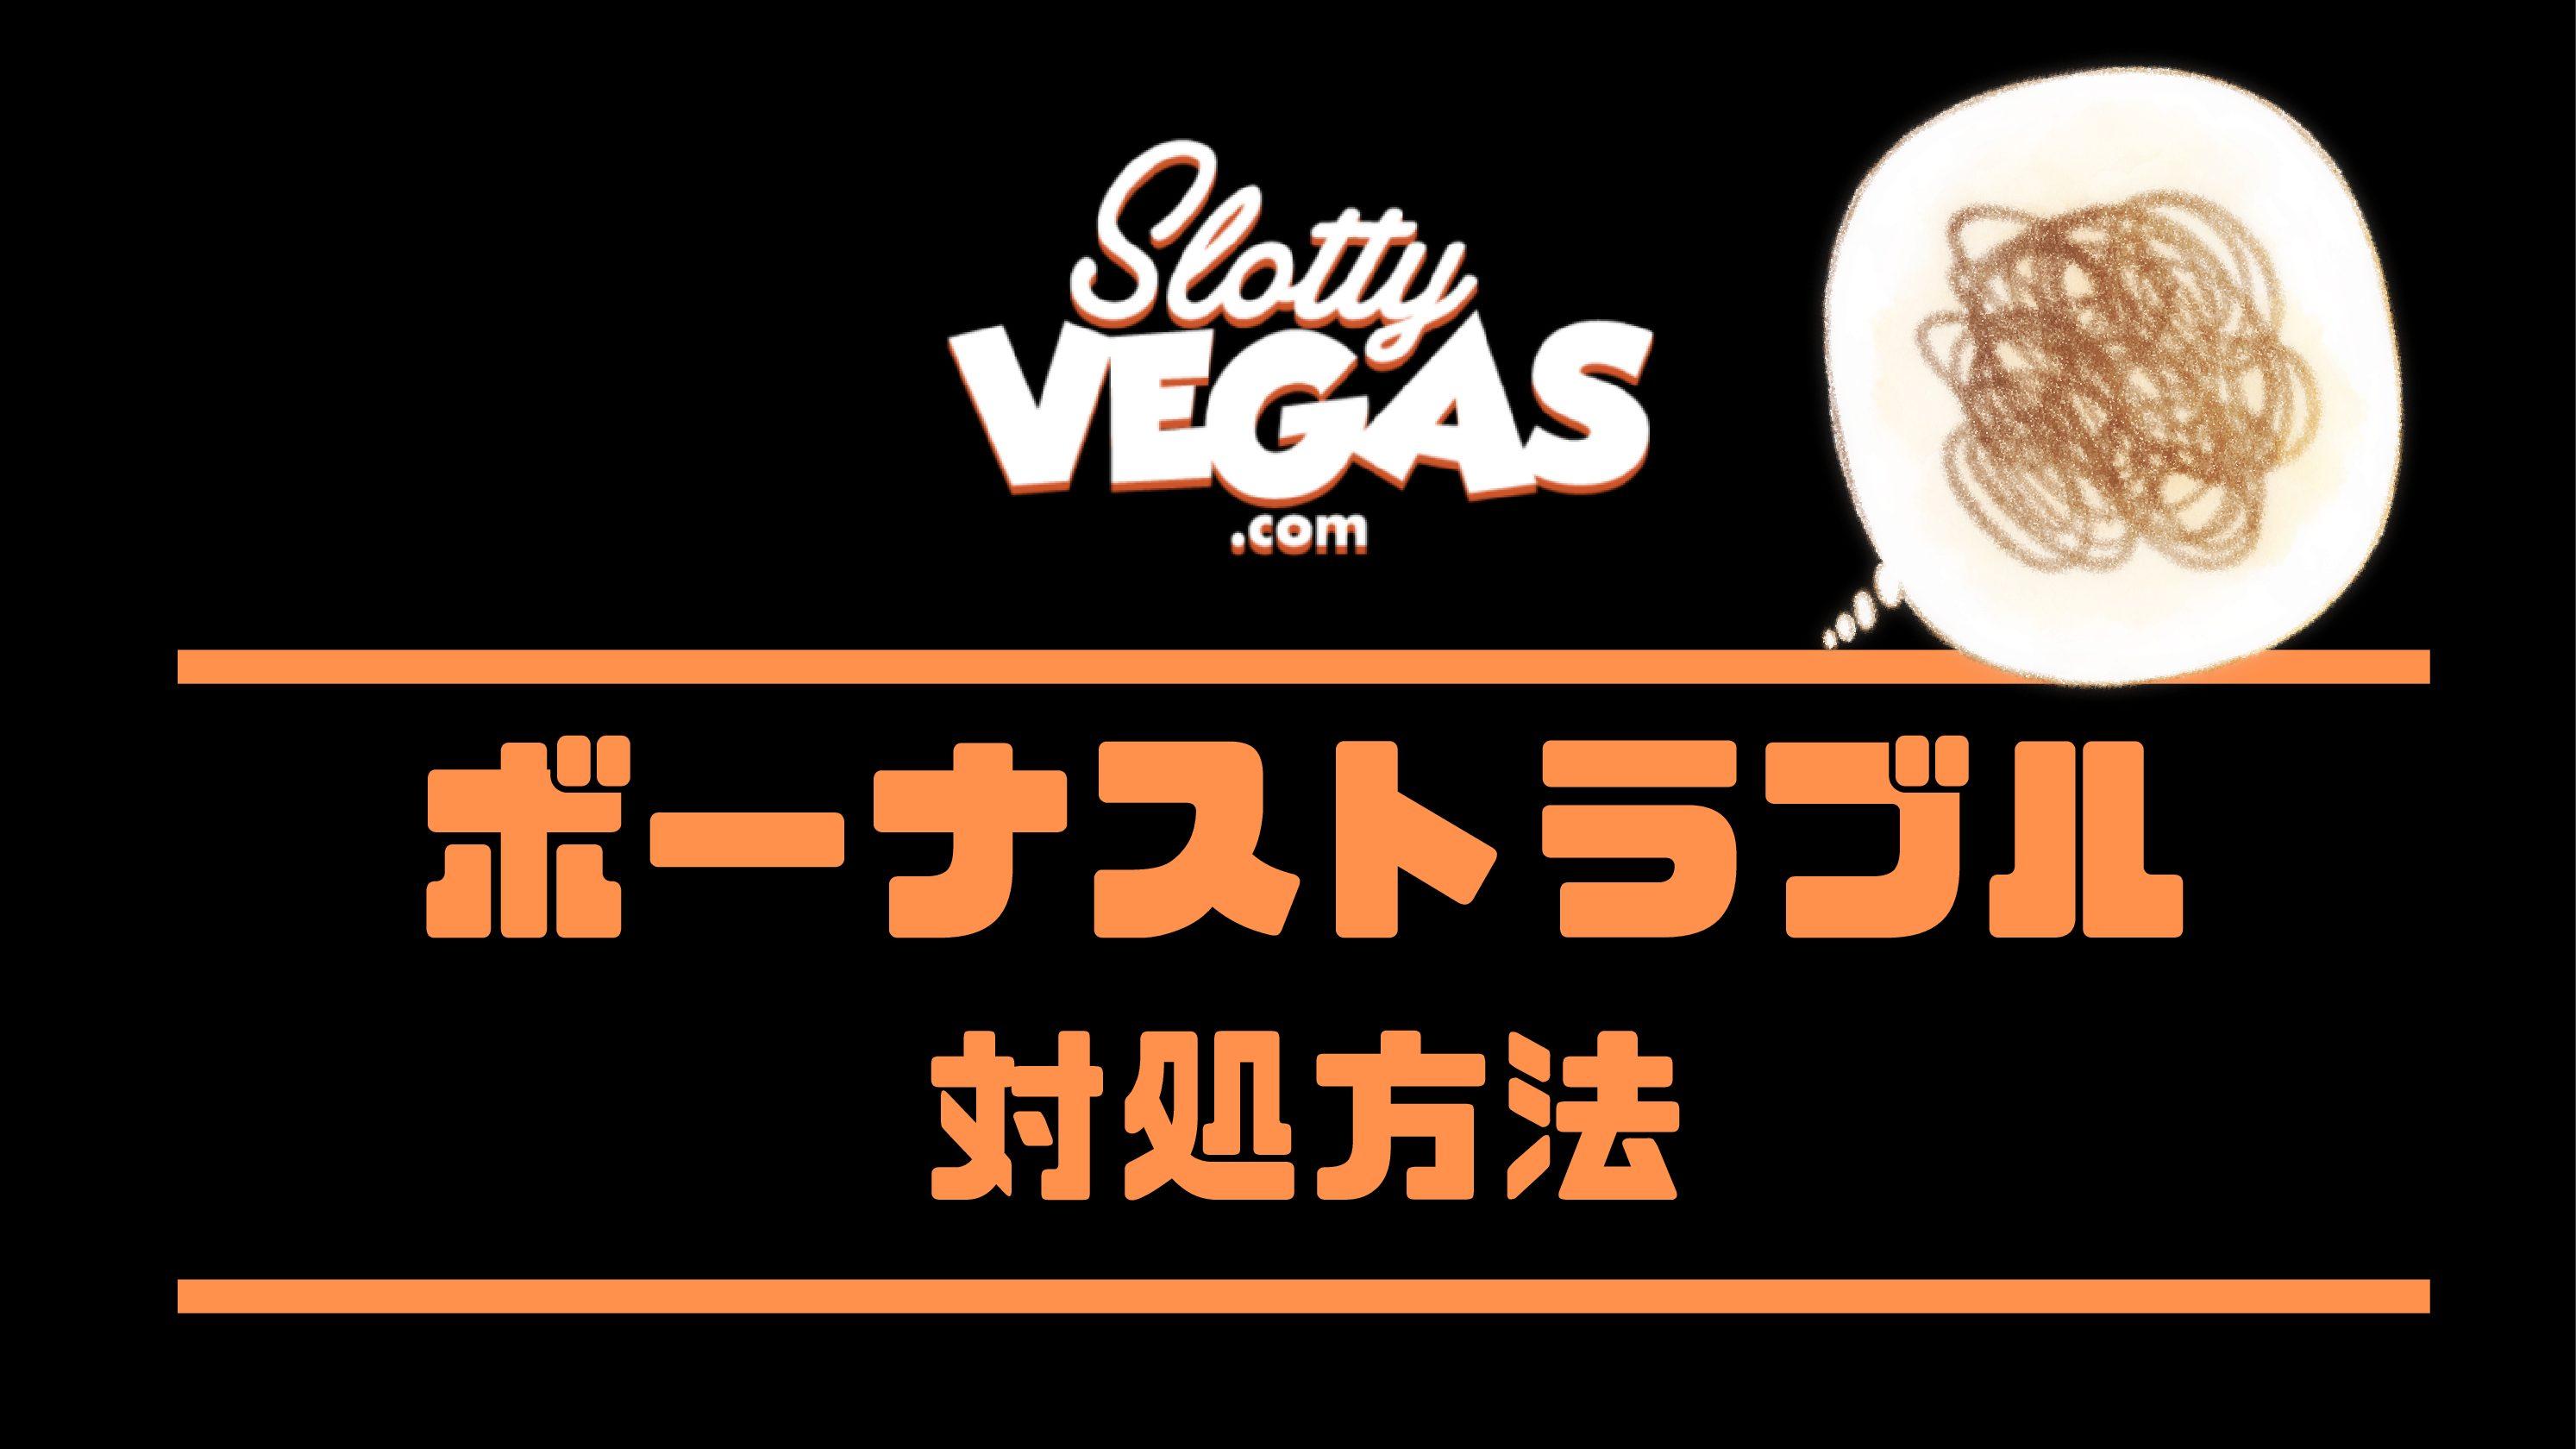 スロッティベガス( Slotty Vegas)ボーナスが貰えない時の対処法